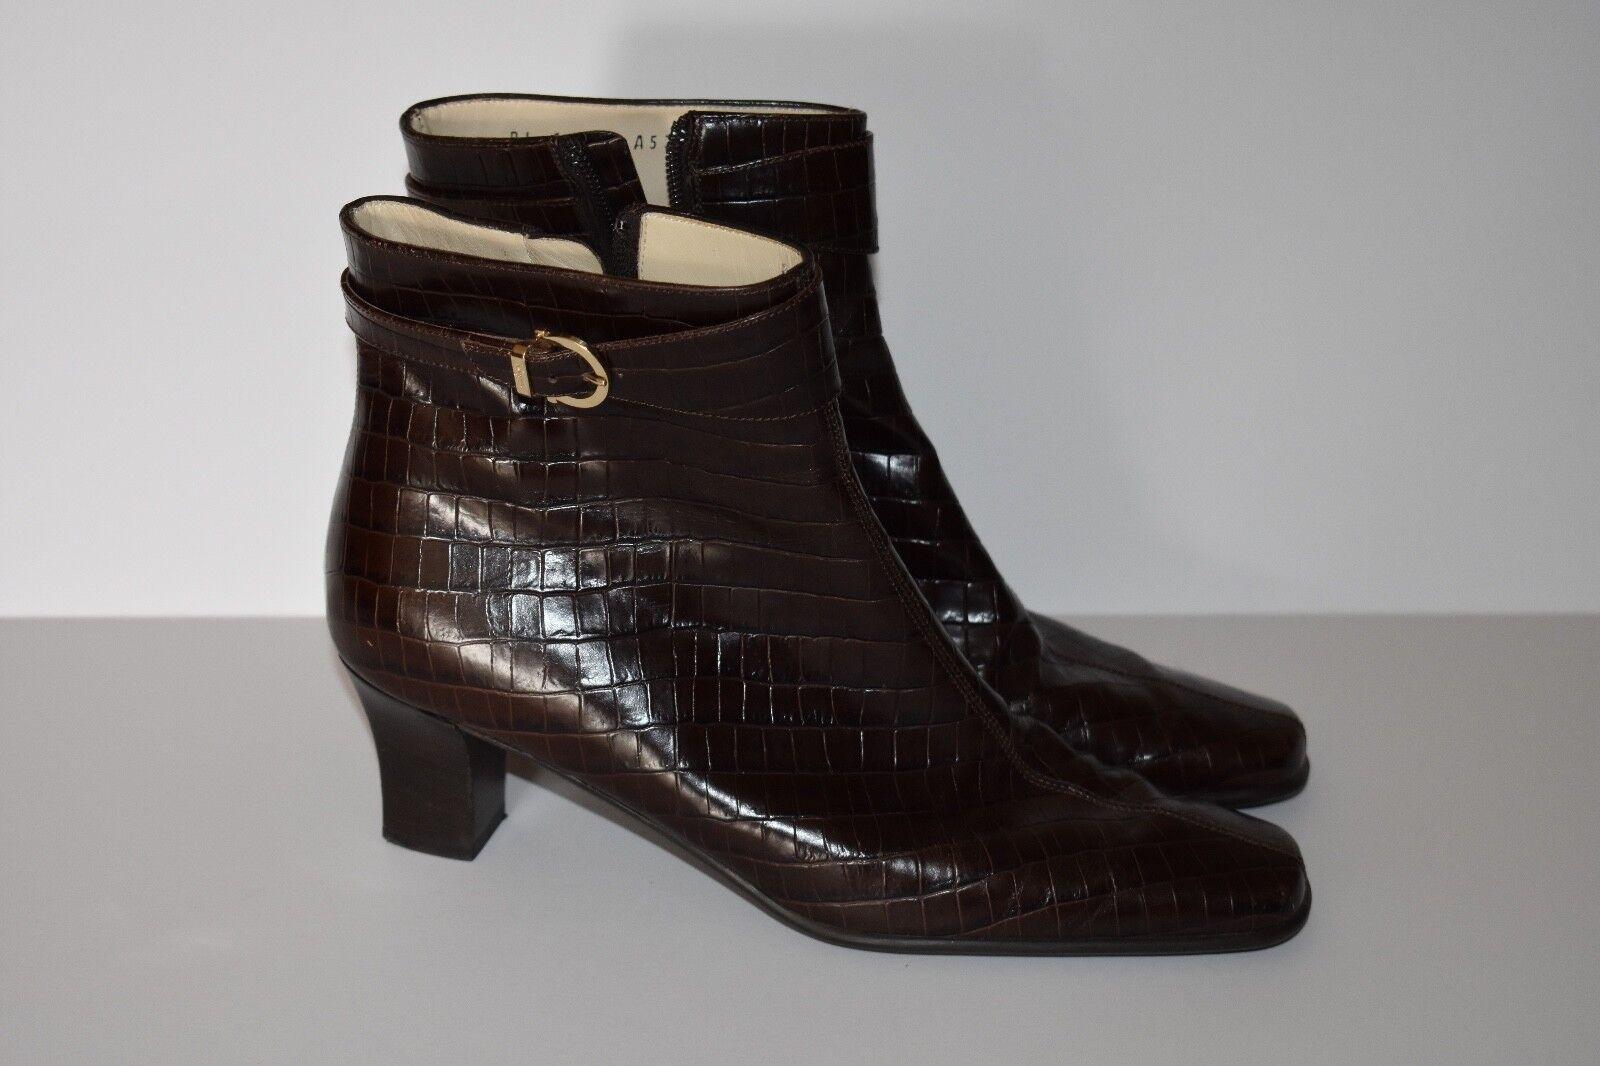 Salvatore Ferragamo Croc Embossed braun Ankle Zipper Stiefel Stiefelies Größe 8 2A